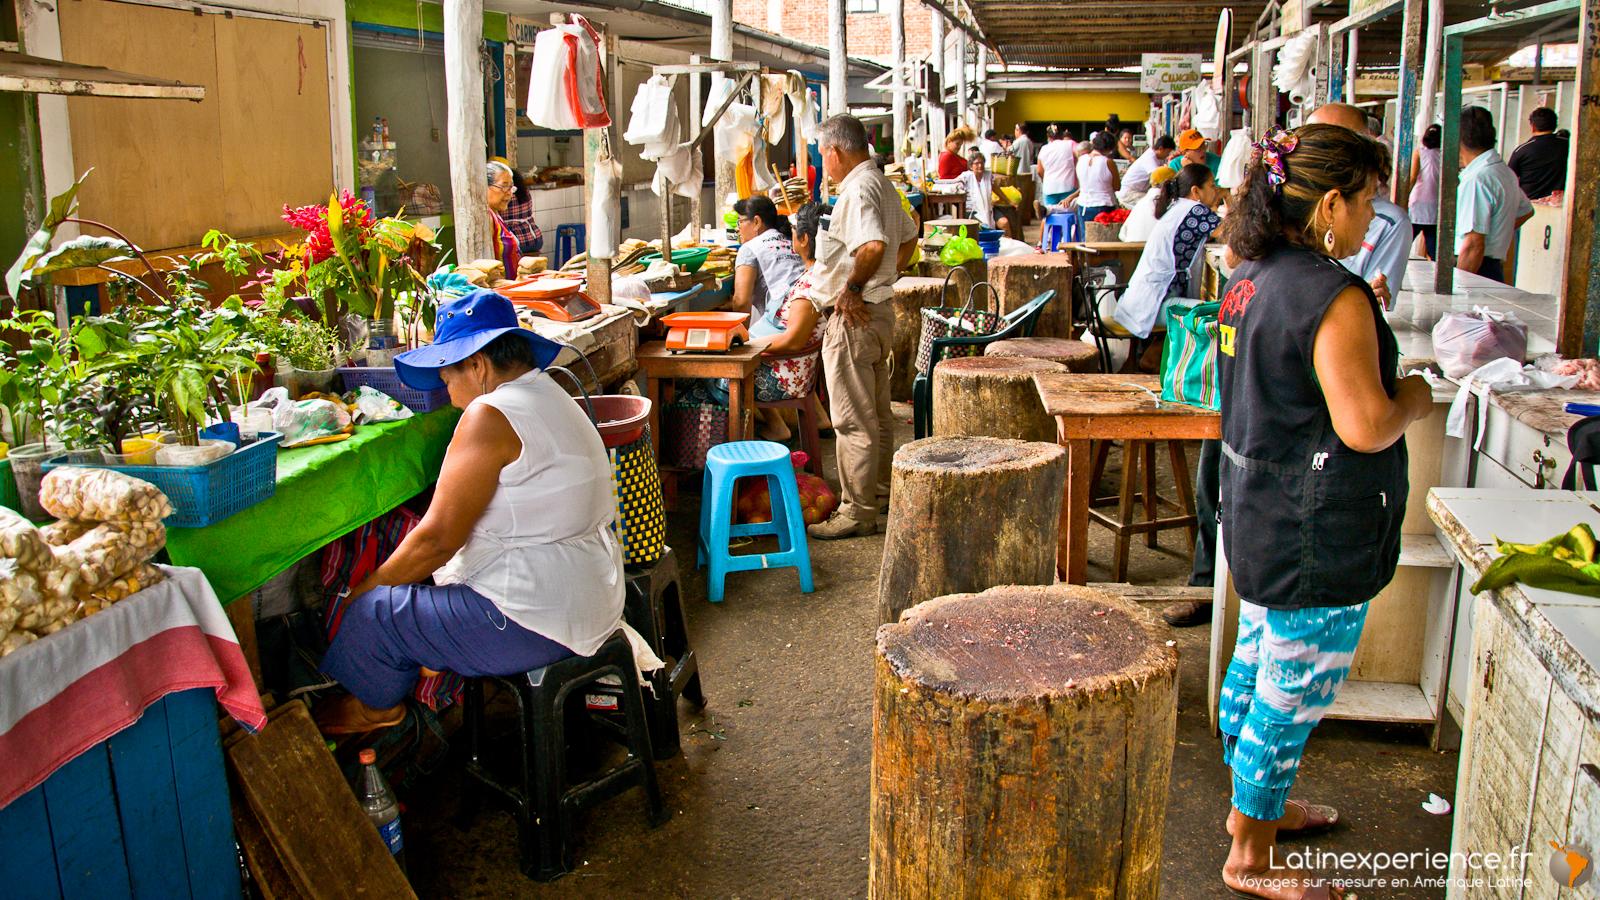 séjour au Pérou - Marché de Tarapoto - Latinexperience voyage